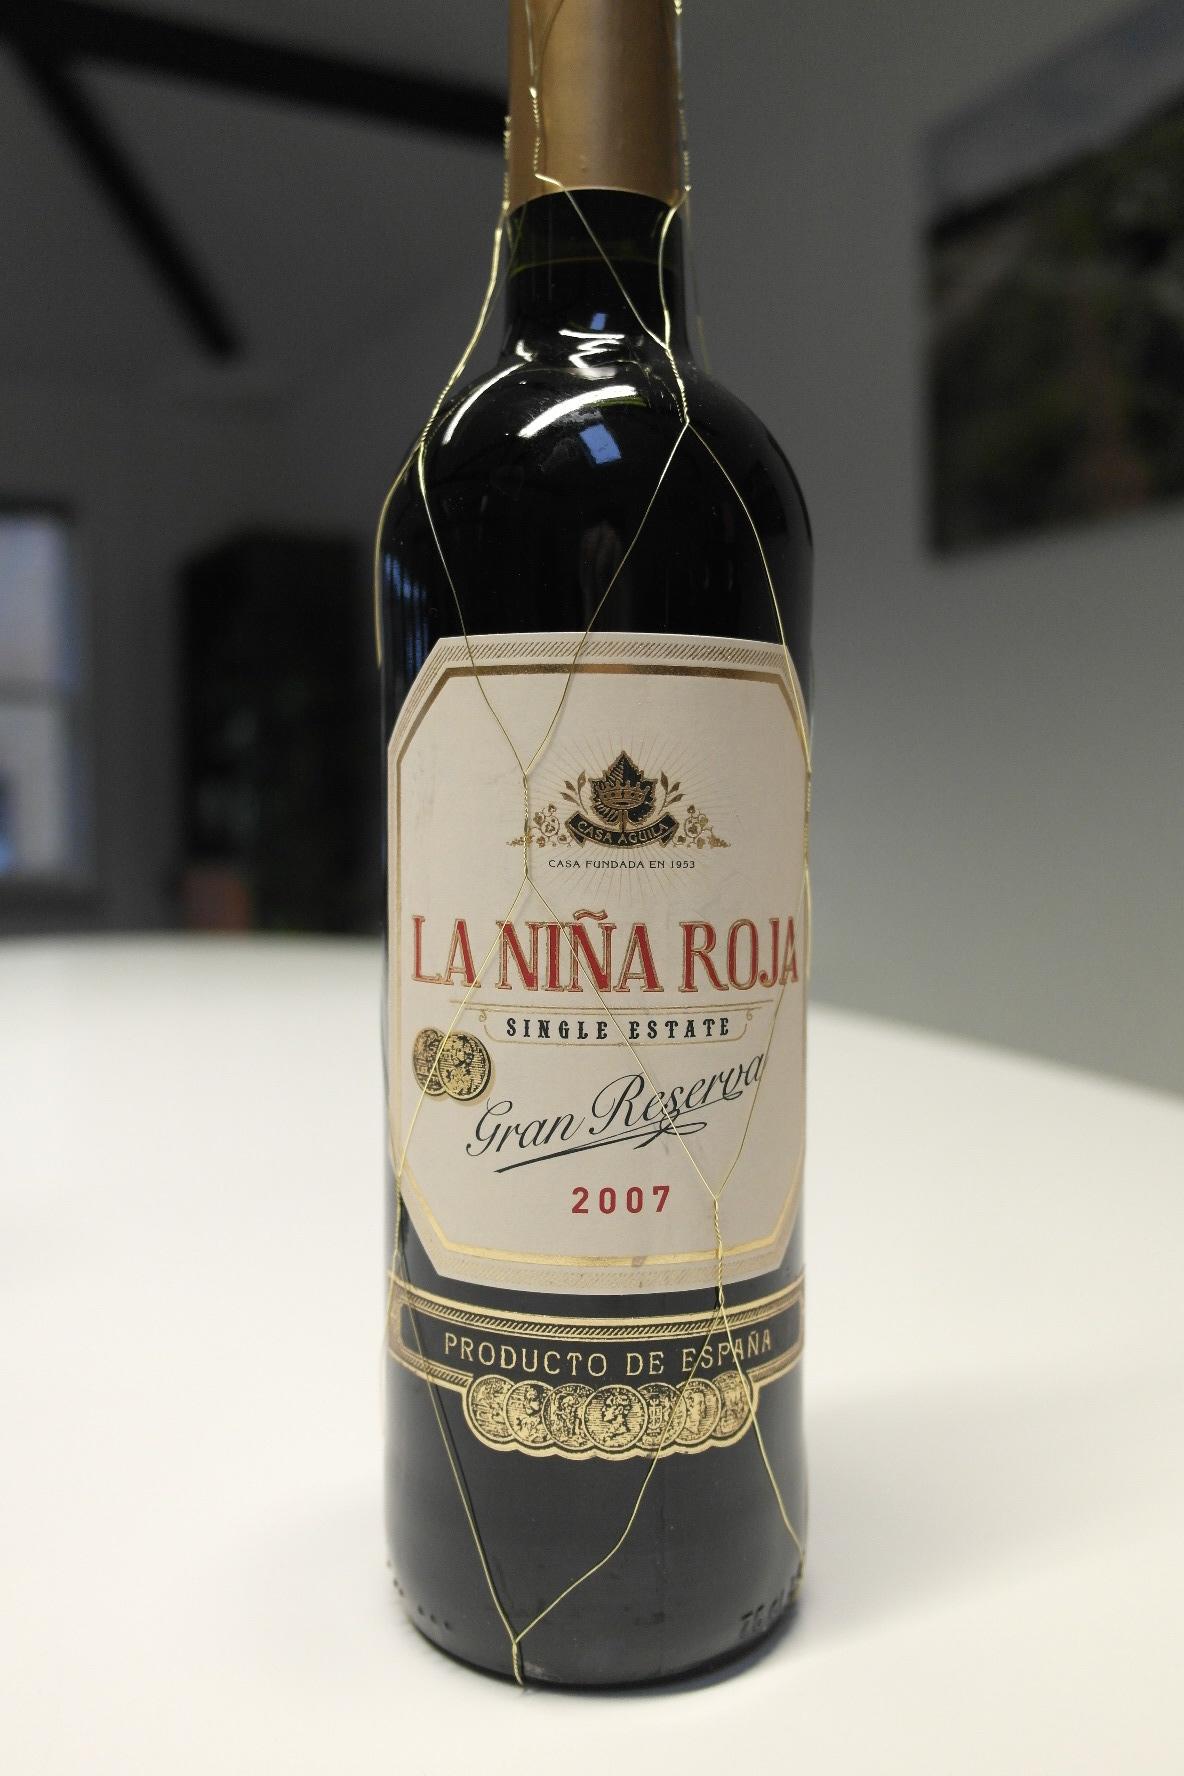 La Nina Roja 2007